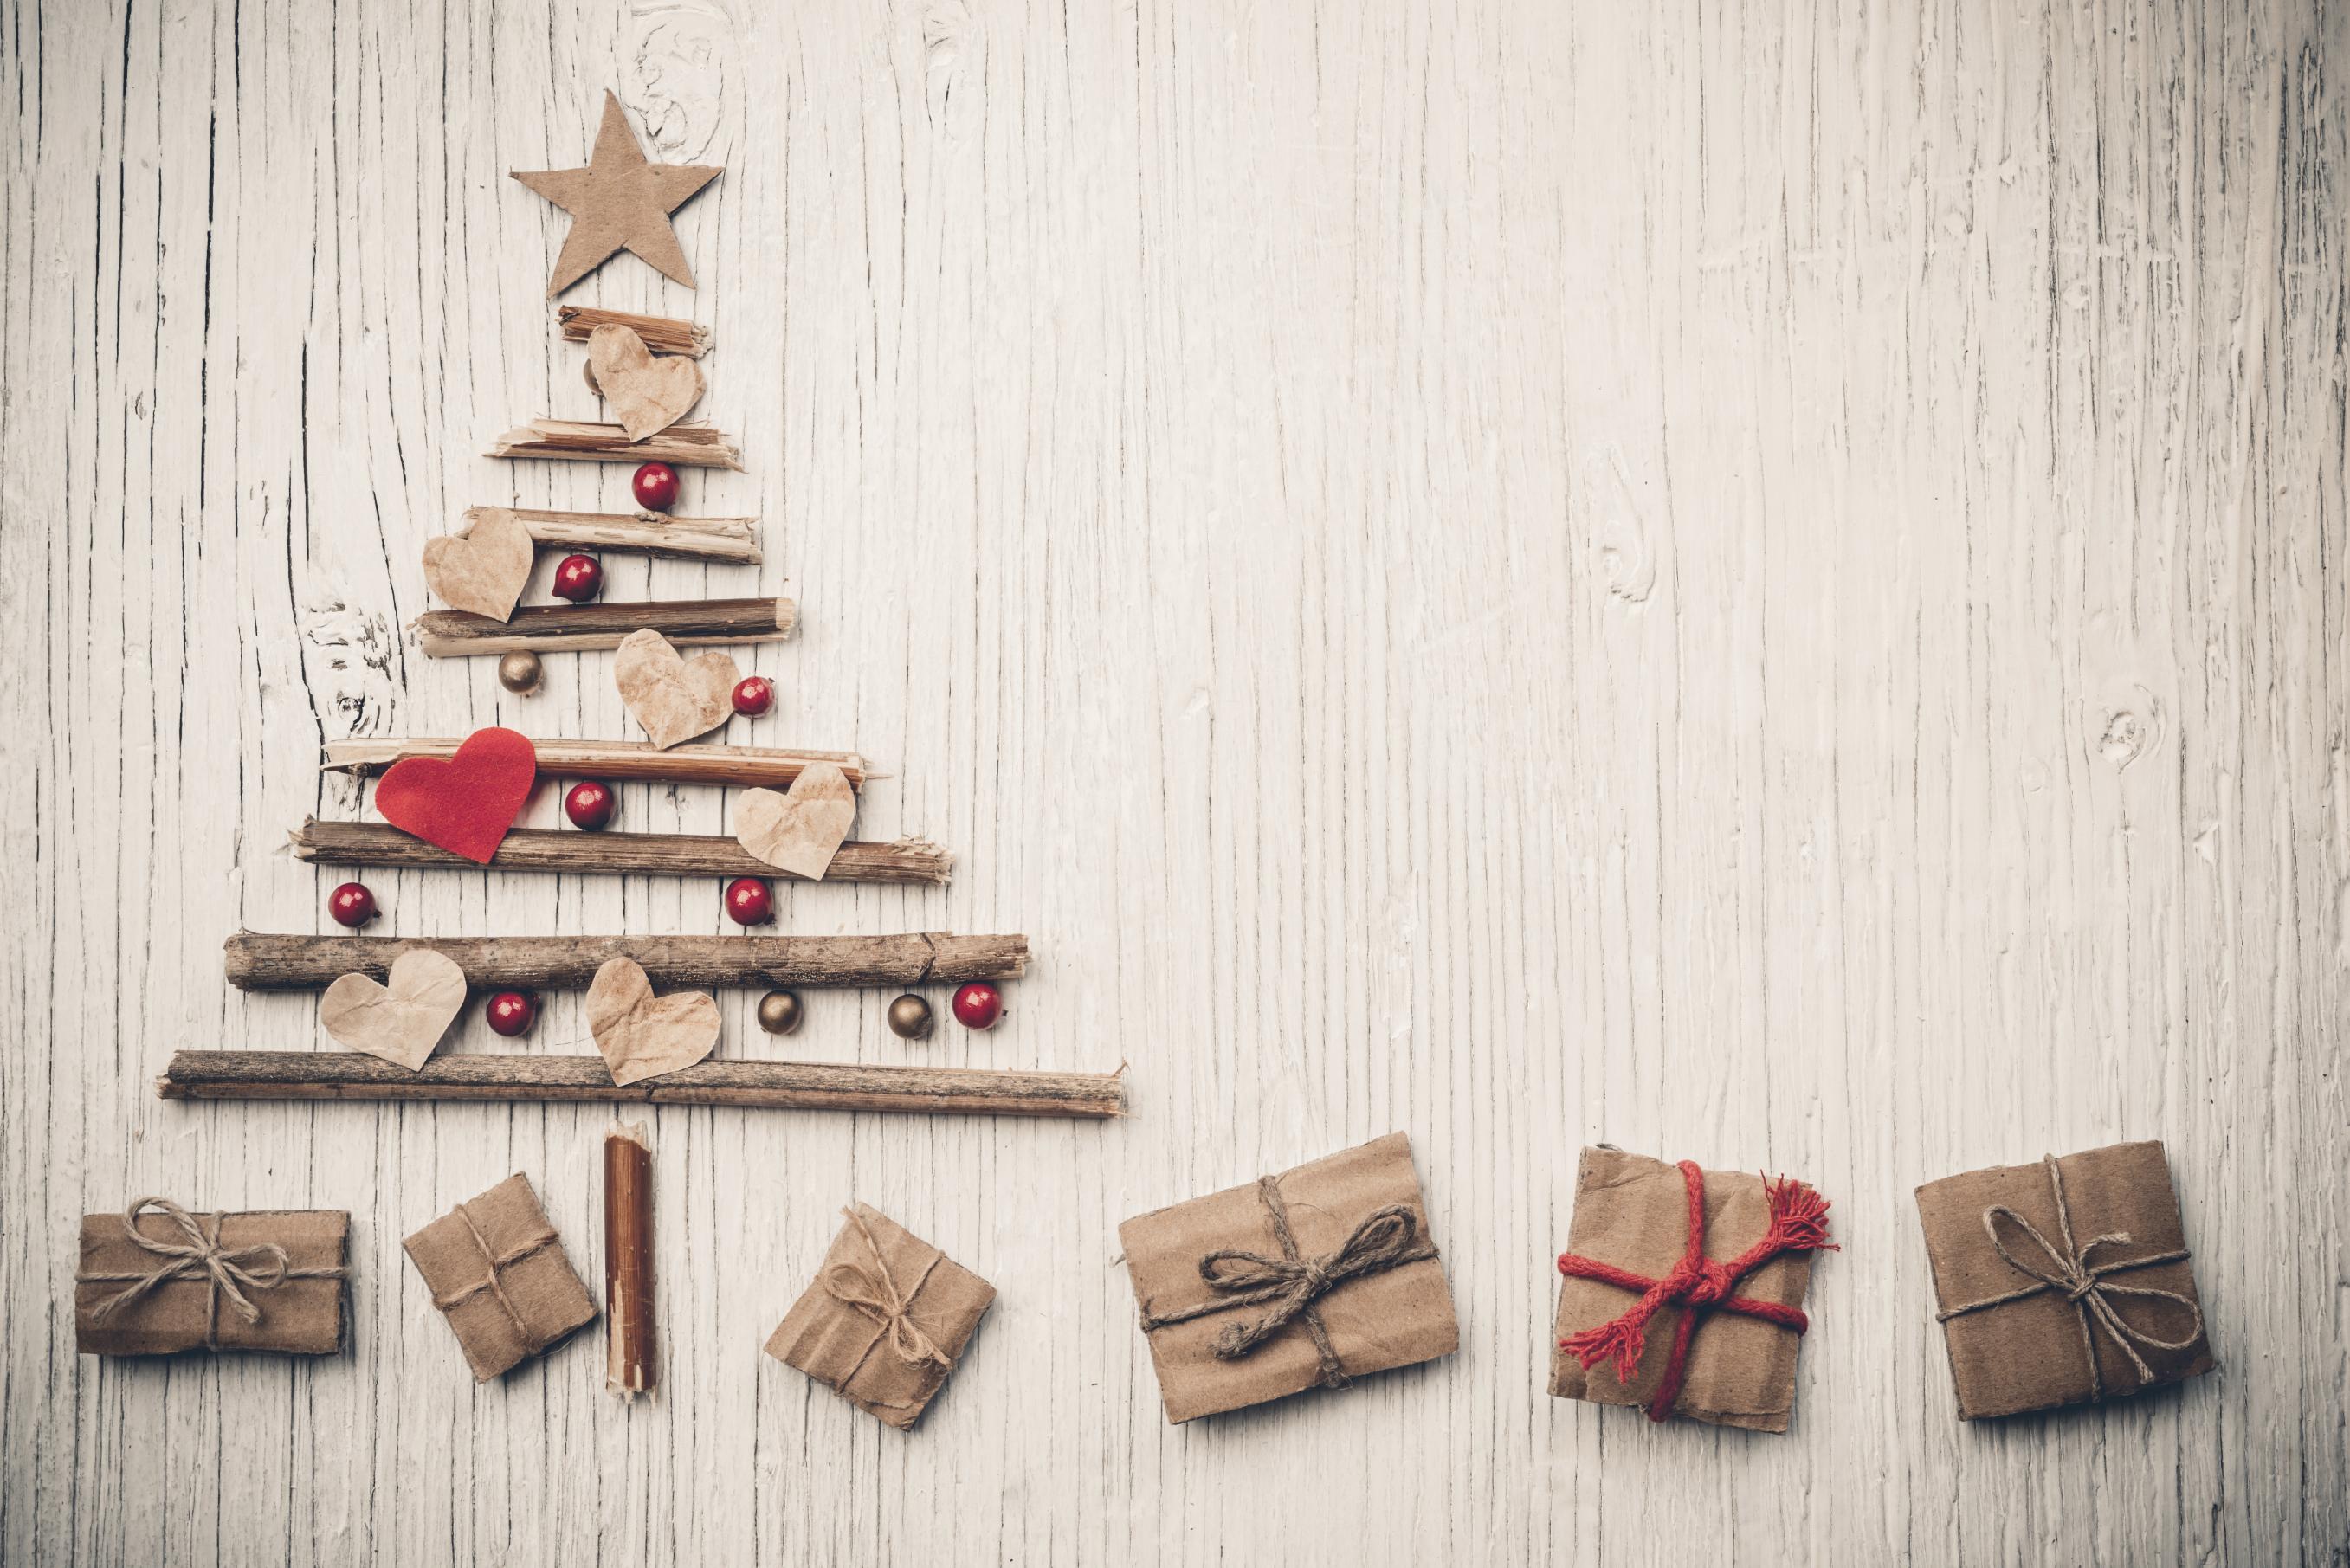 Decoraci n de navidad para tu casa noticias sector - Blog decoracion navidad ...